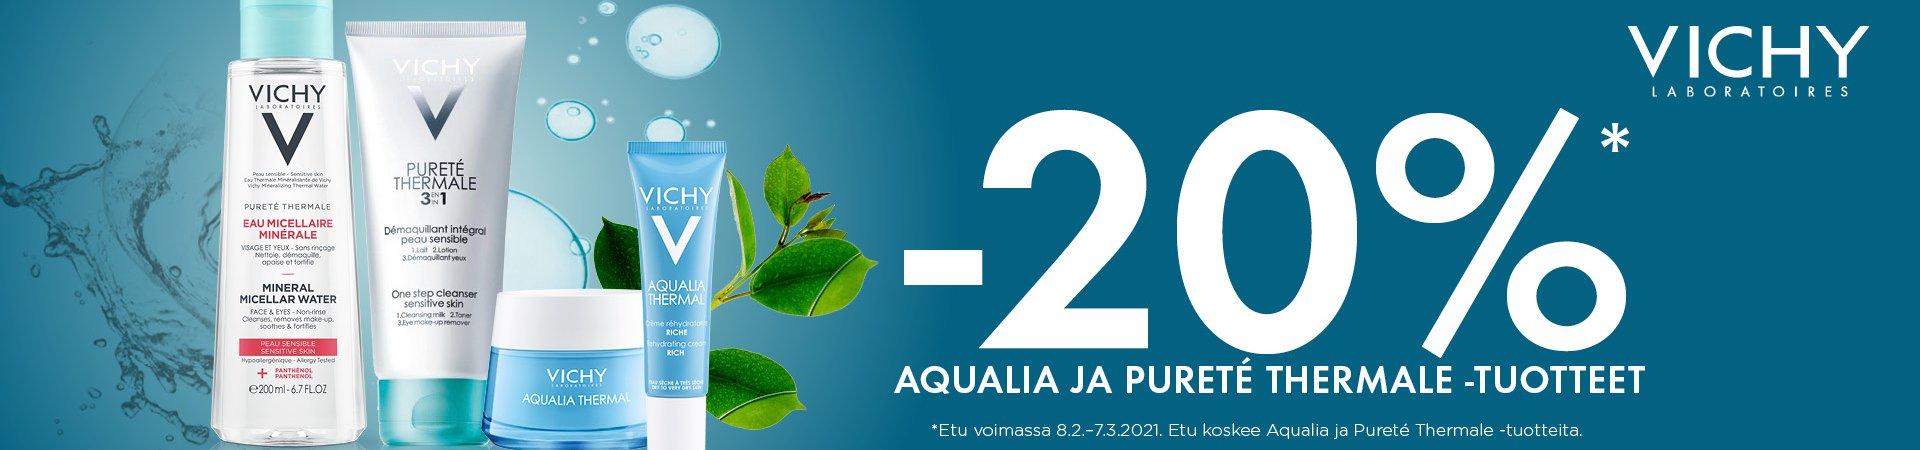 VICHY Aqualia ja purete thermale Puhdistustuote -20%